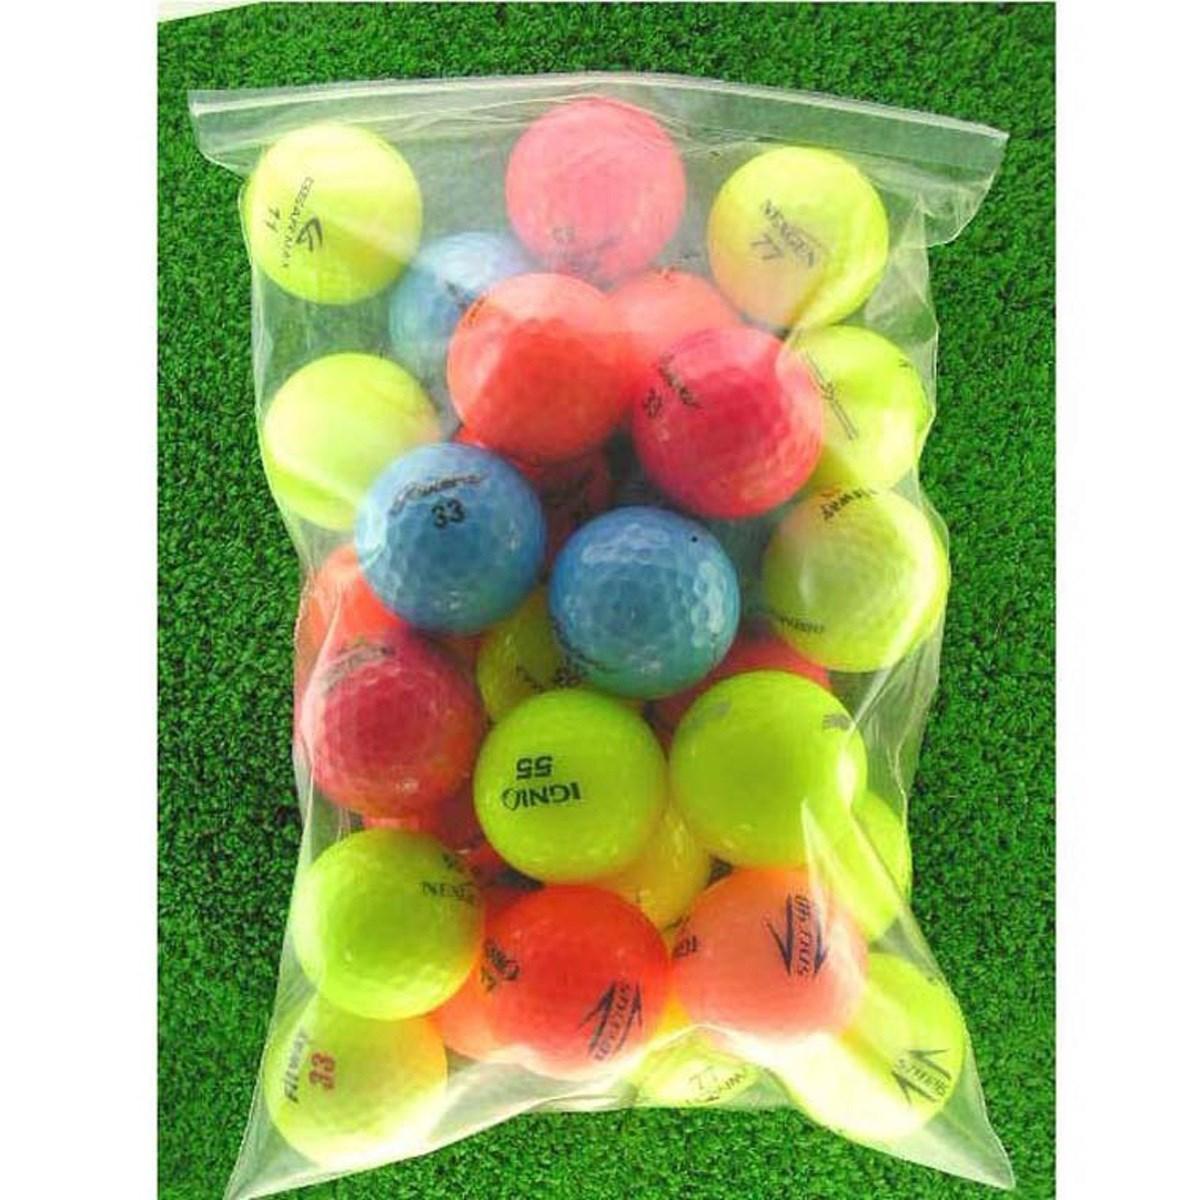 ロストボール Lost Ball メイホウゴルフ ロストボール カラーボール30個入り2パック60個セット 30個入り2パック(60個セット) イエロー、オレンジ、ブルー、グリーン、レッド、ブラック等 【非公認球】